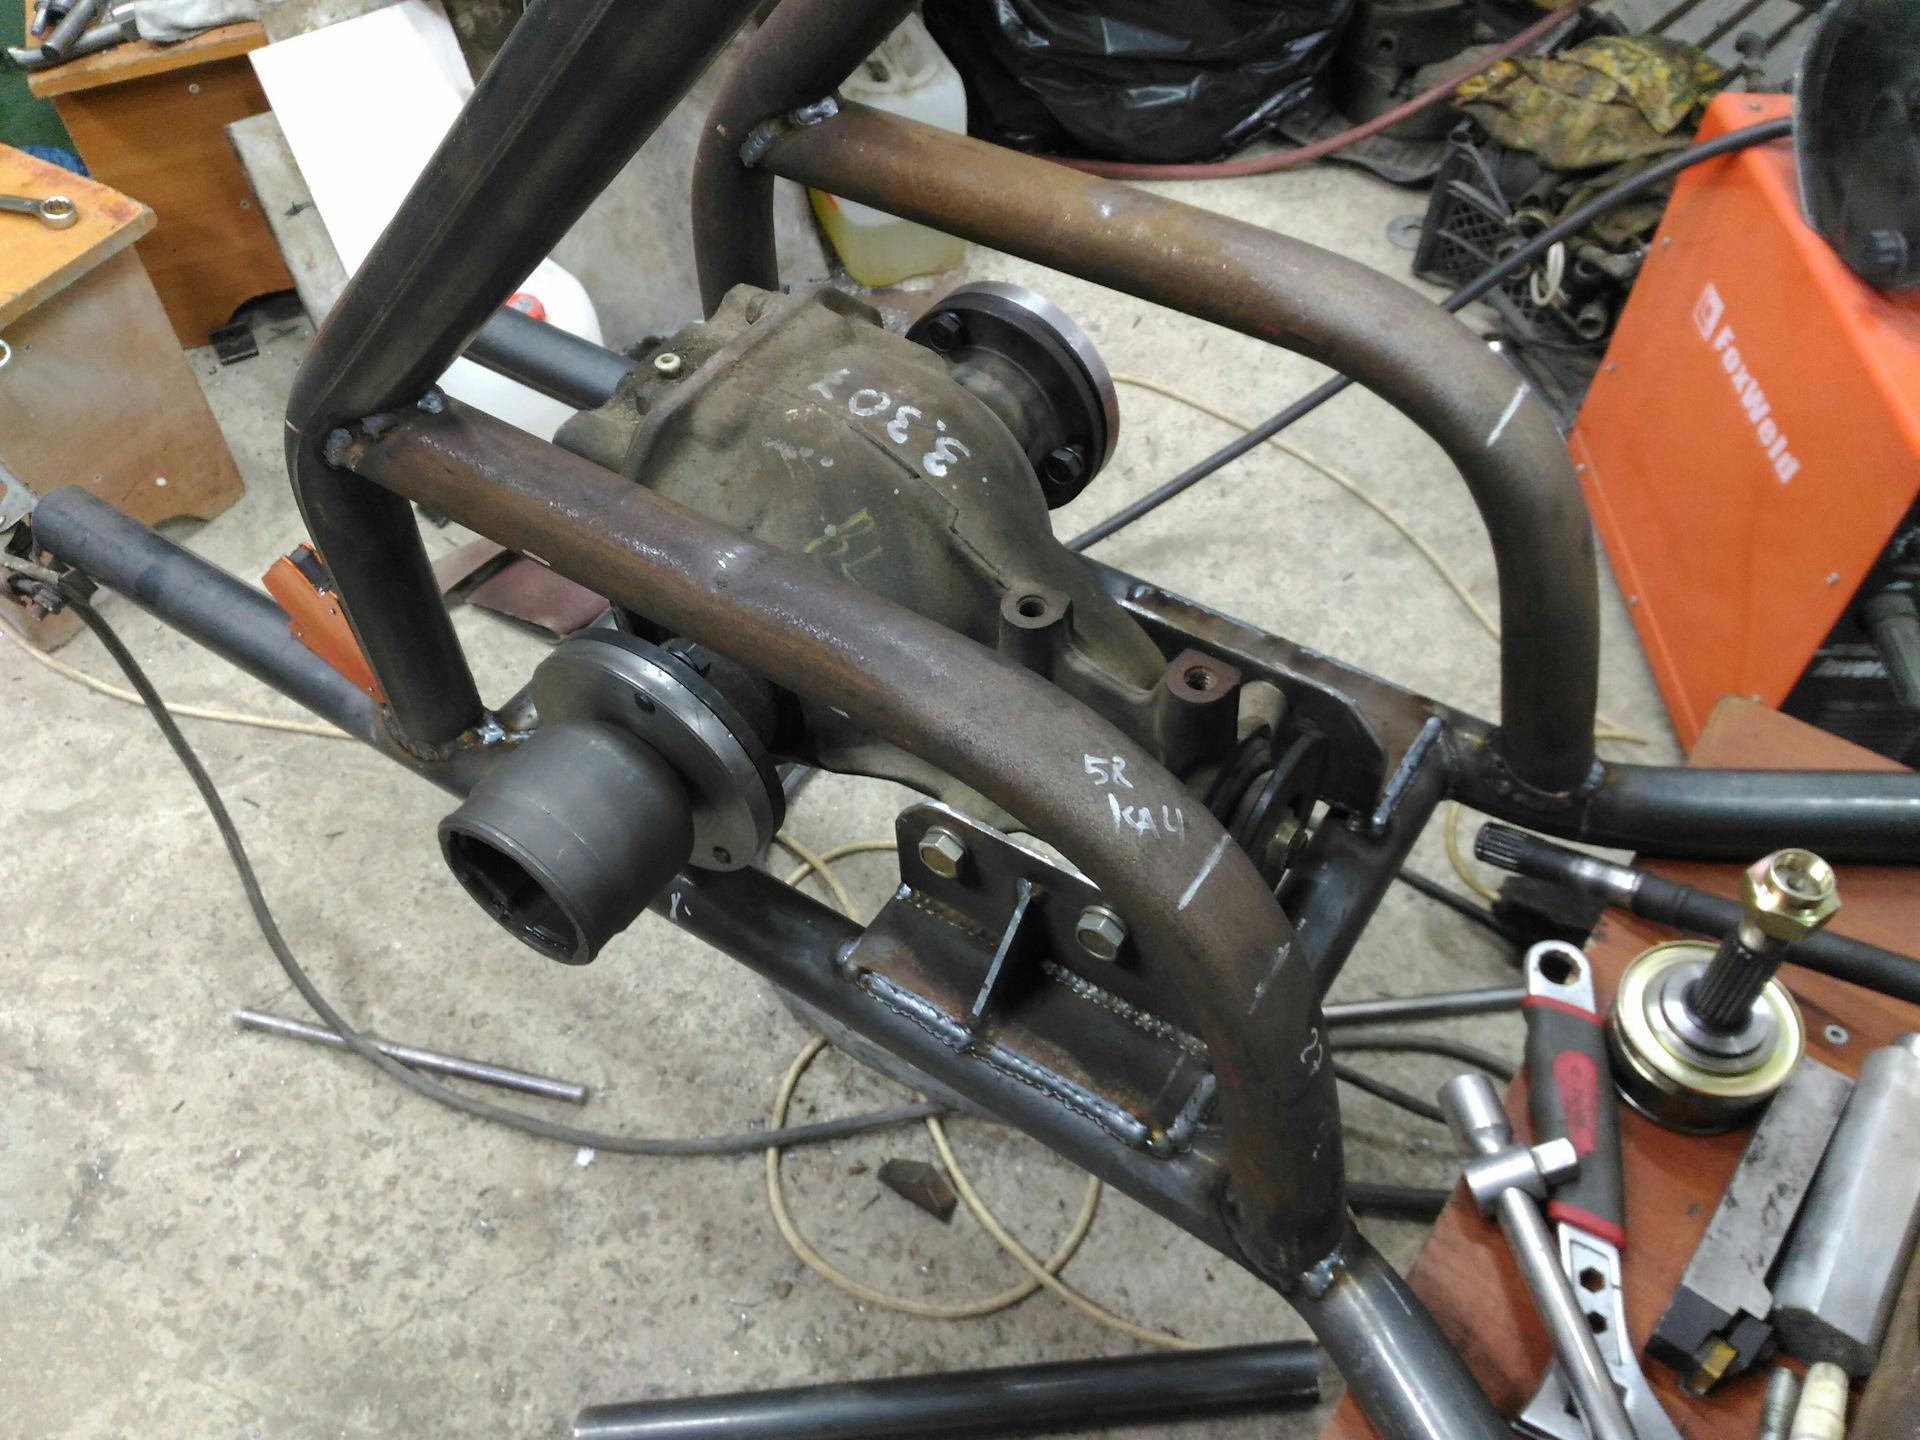 также техническая самогонный квадроцикл поэтапно из оки фото что при желании